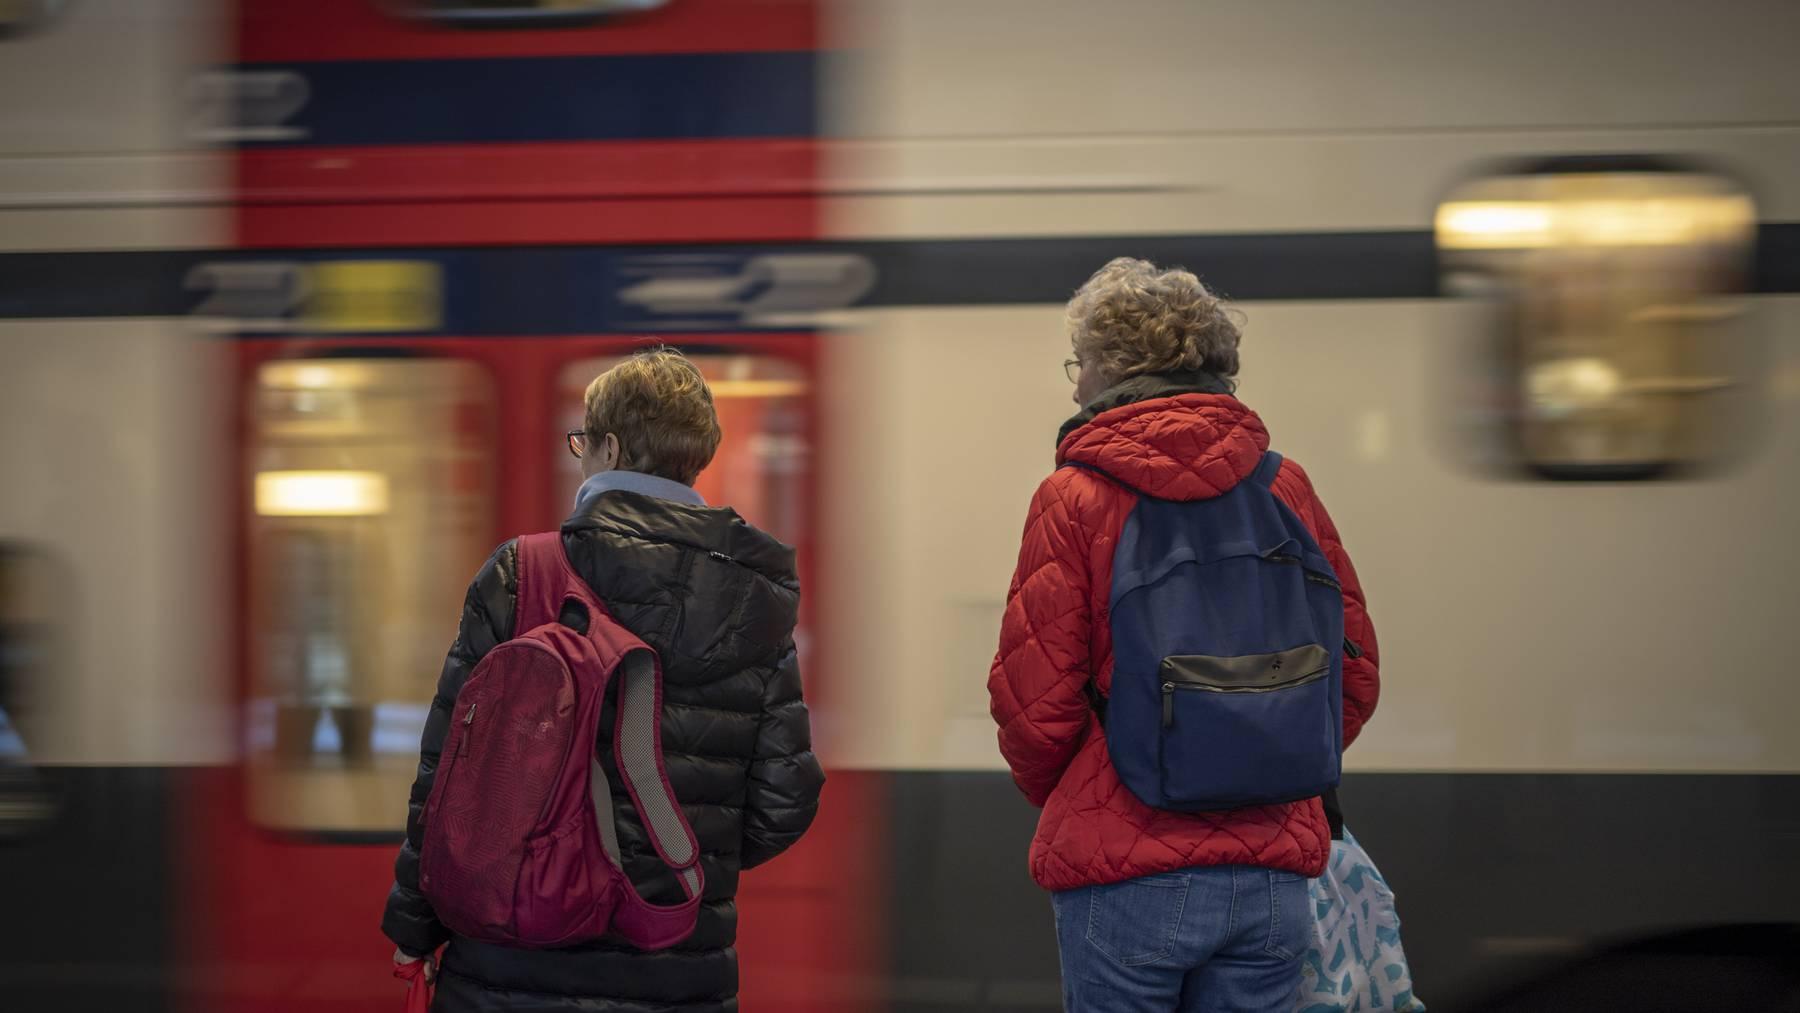 An der Auffahrt und dem Pfingstwochenende werden viele Zugpassagiere erwartet.